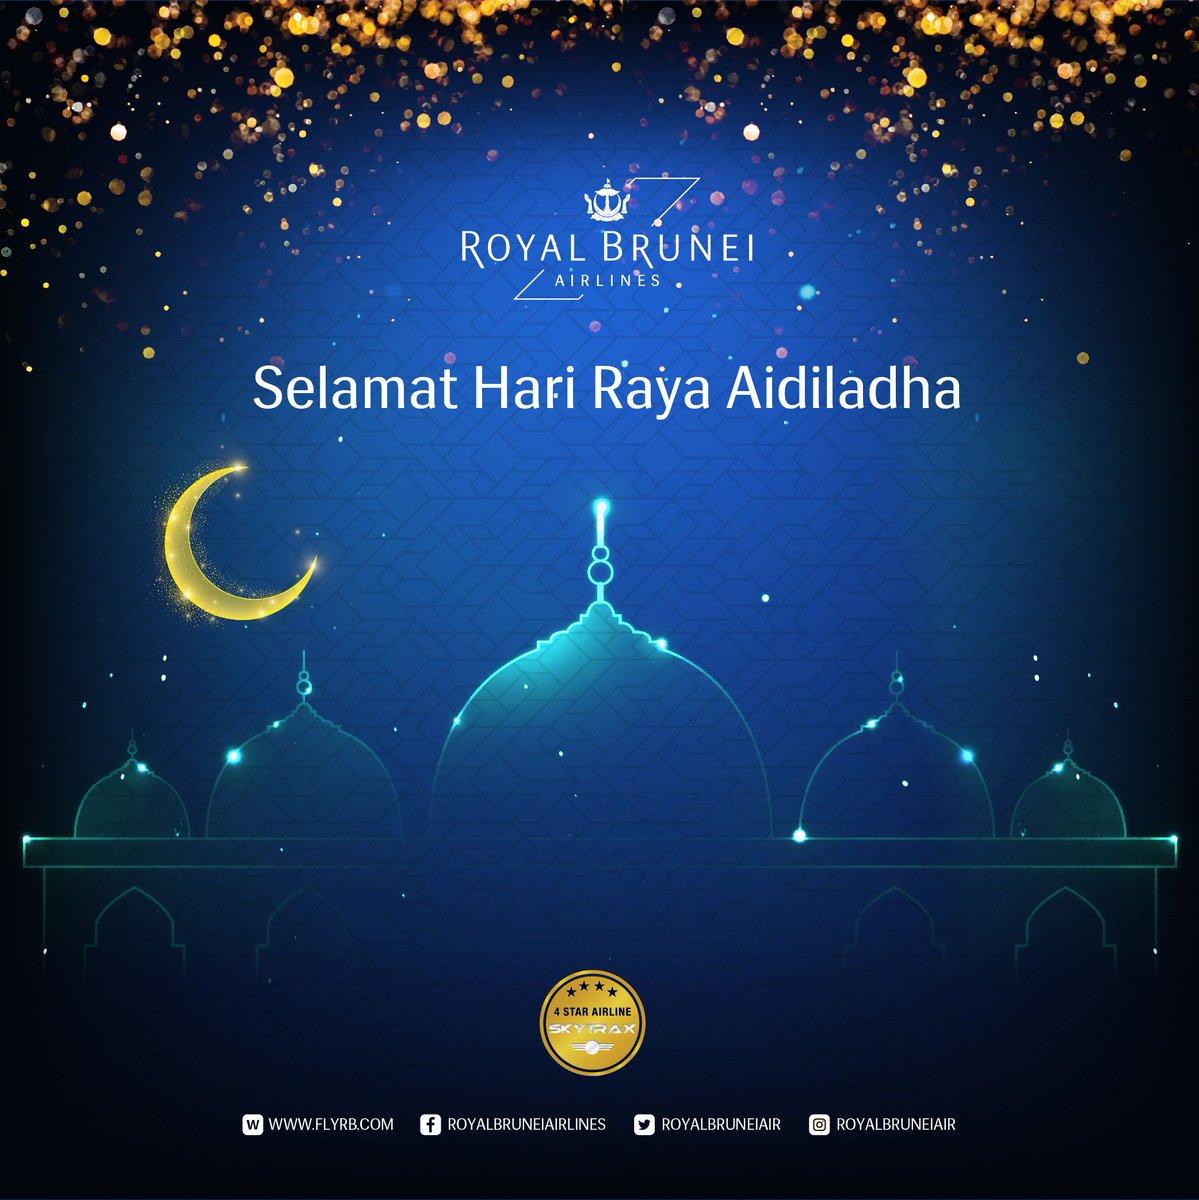 Royalbruneiairlines On Twitter To All Our Muslim Guests Around The World Royal Brunei Airlines Wishes You Selamat Hari Raya Aidiladha Royalbrunei Hariraya Aidiladha Https T Co Fgeldqefzs